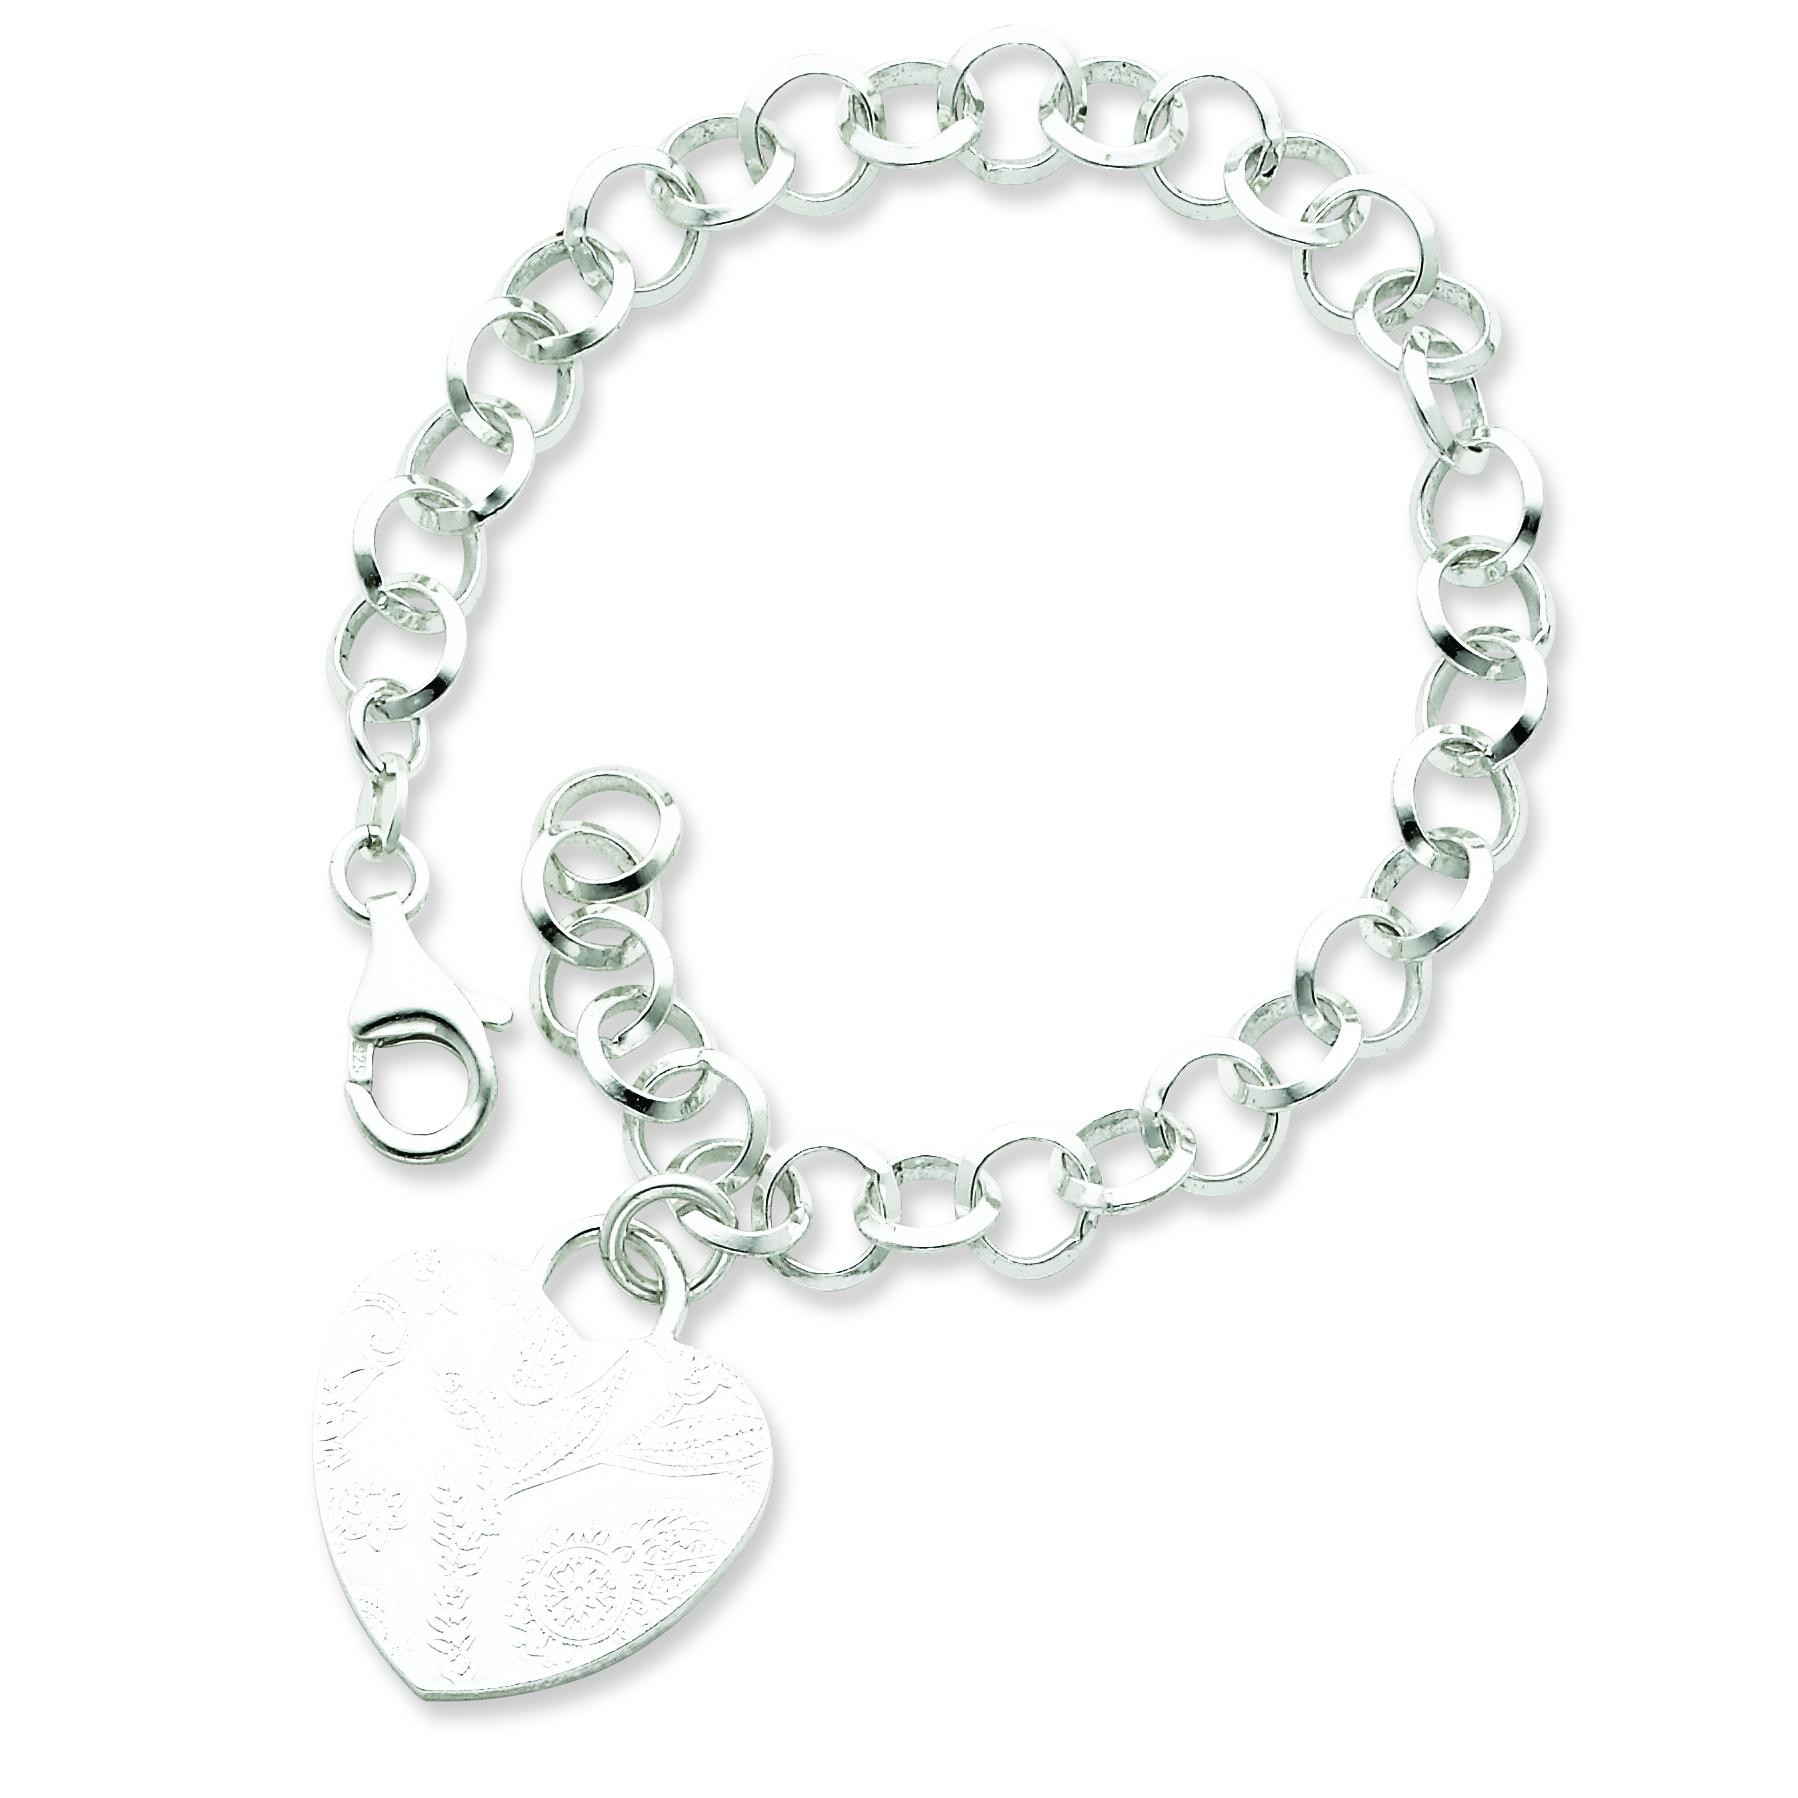 Heart Dangle Bracelet in Sterling Silver